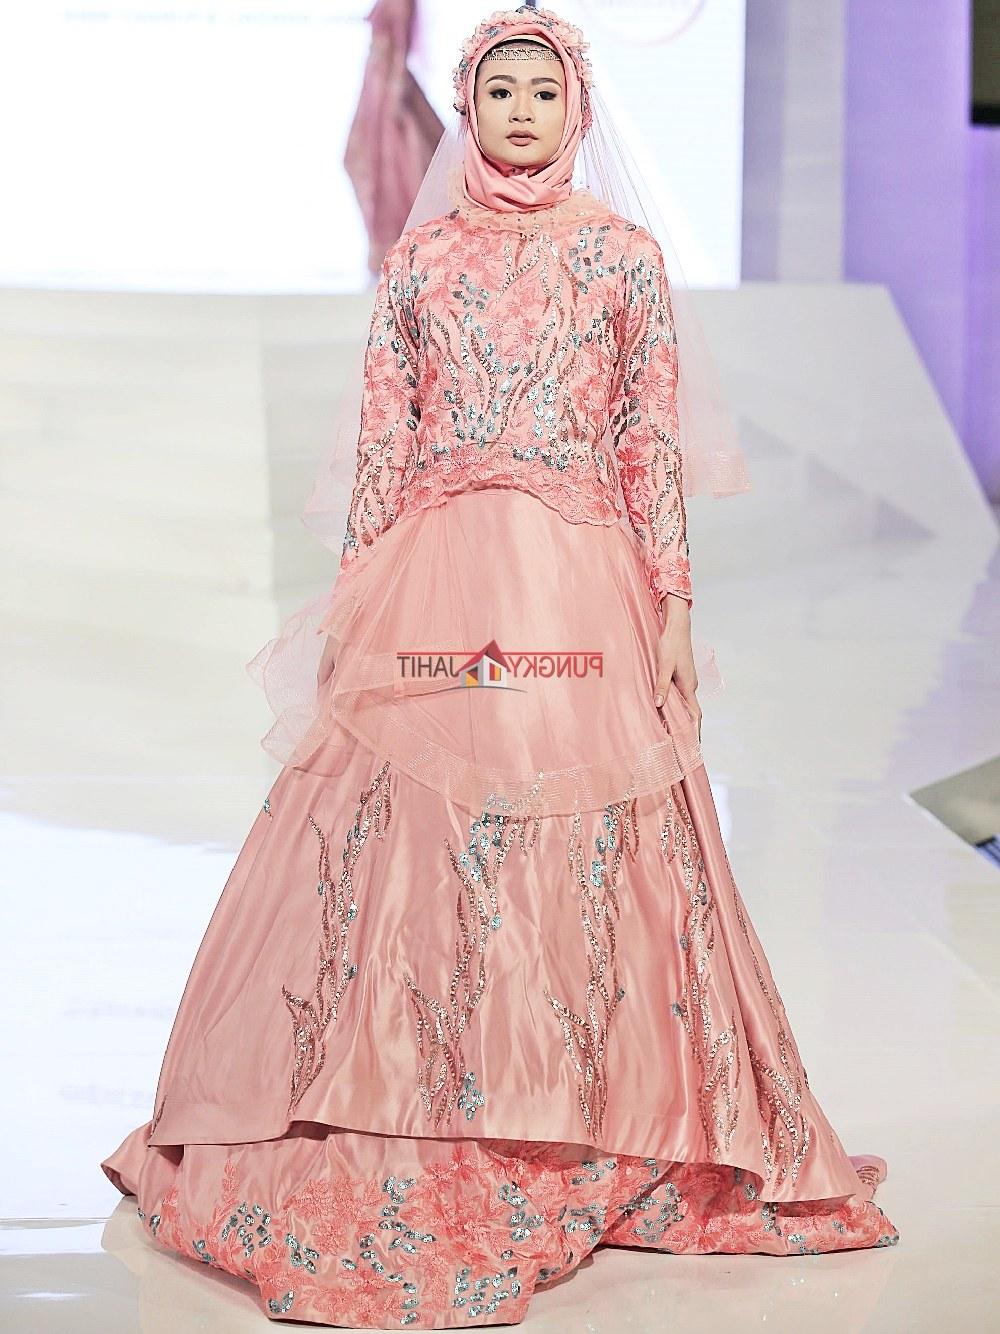 Bentuk Sewa Gaun Pengantin Muslimah Jogja 87dx Gaun Pengantin Muslimah Dress Muslim Pungky Rumah Jahit